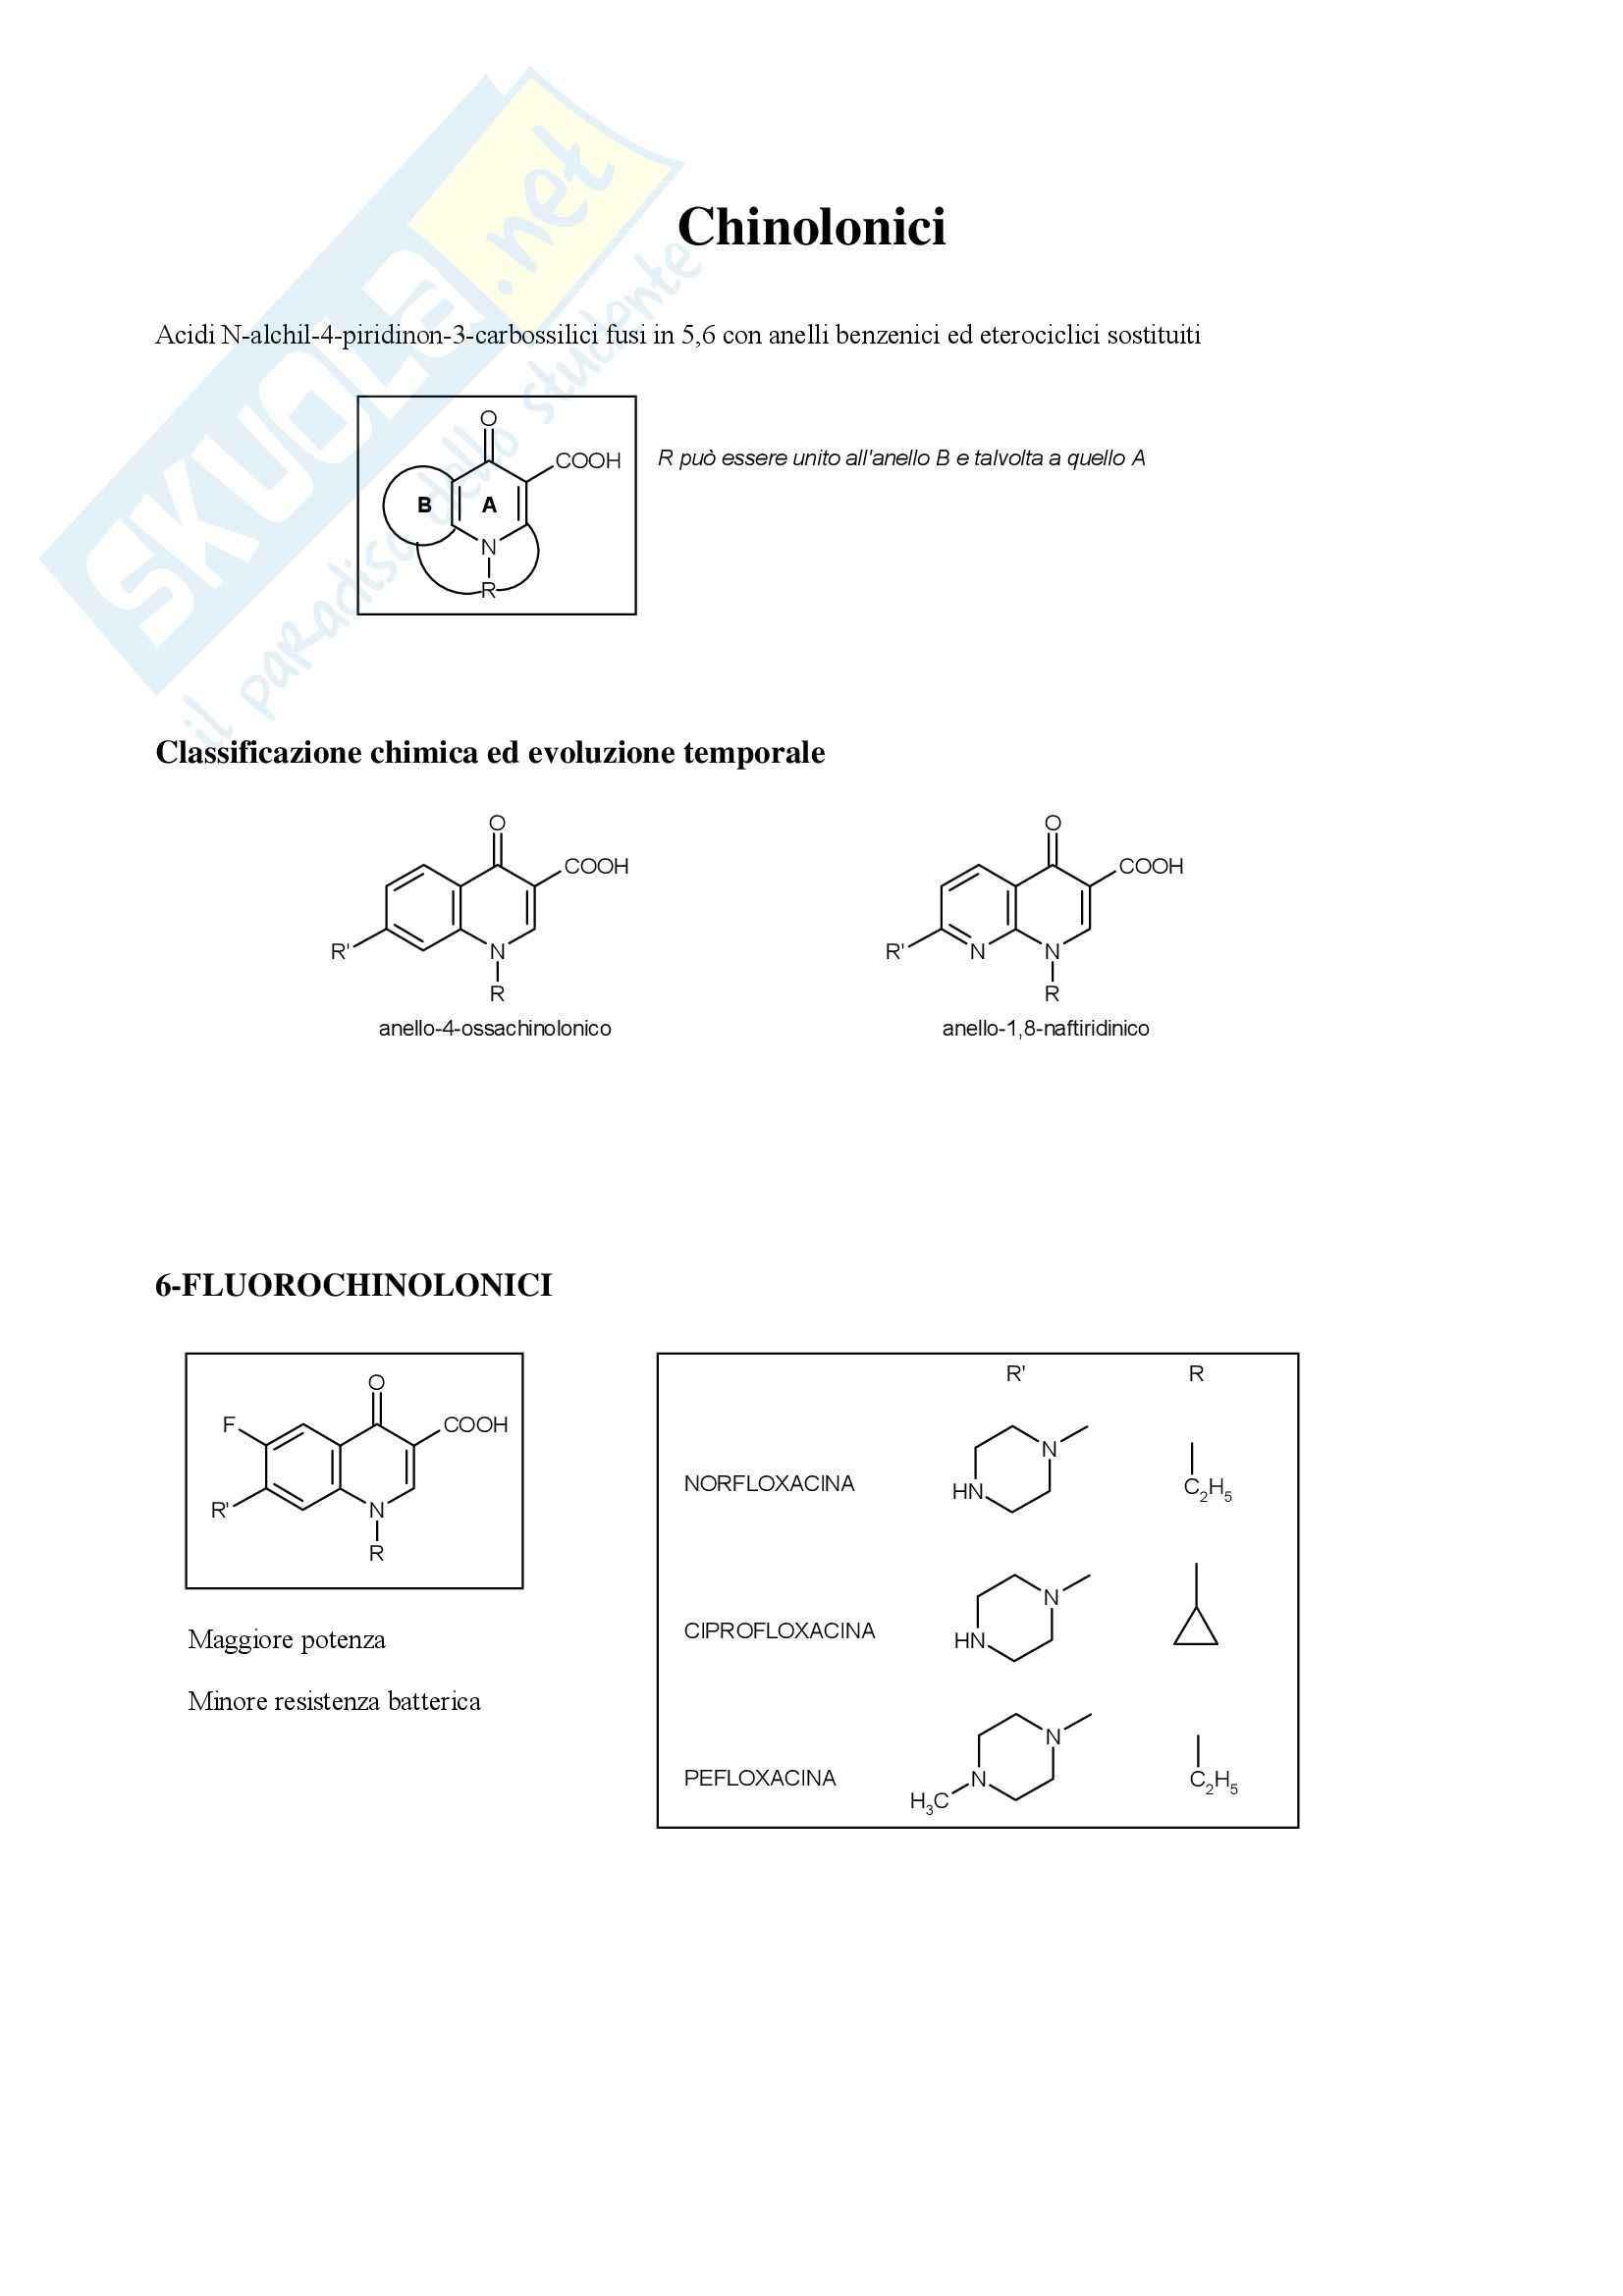 Chimica farmaceutica e tossicologica - chinolonici